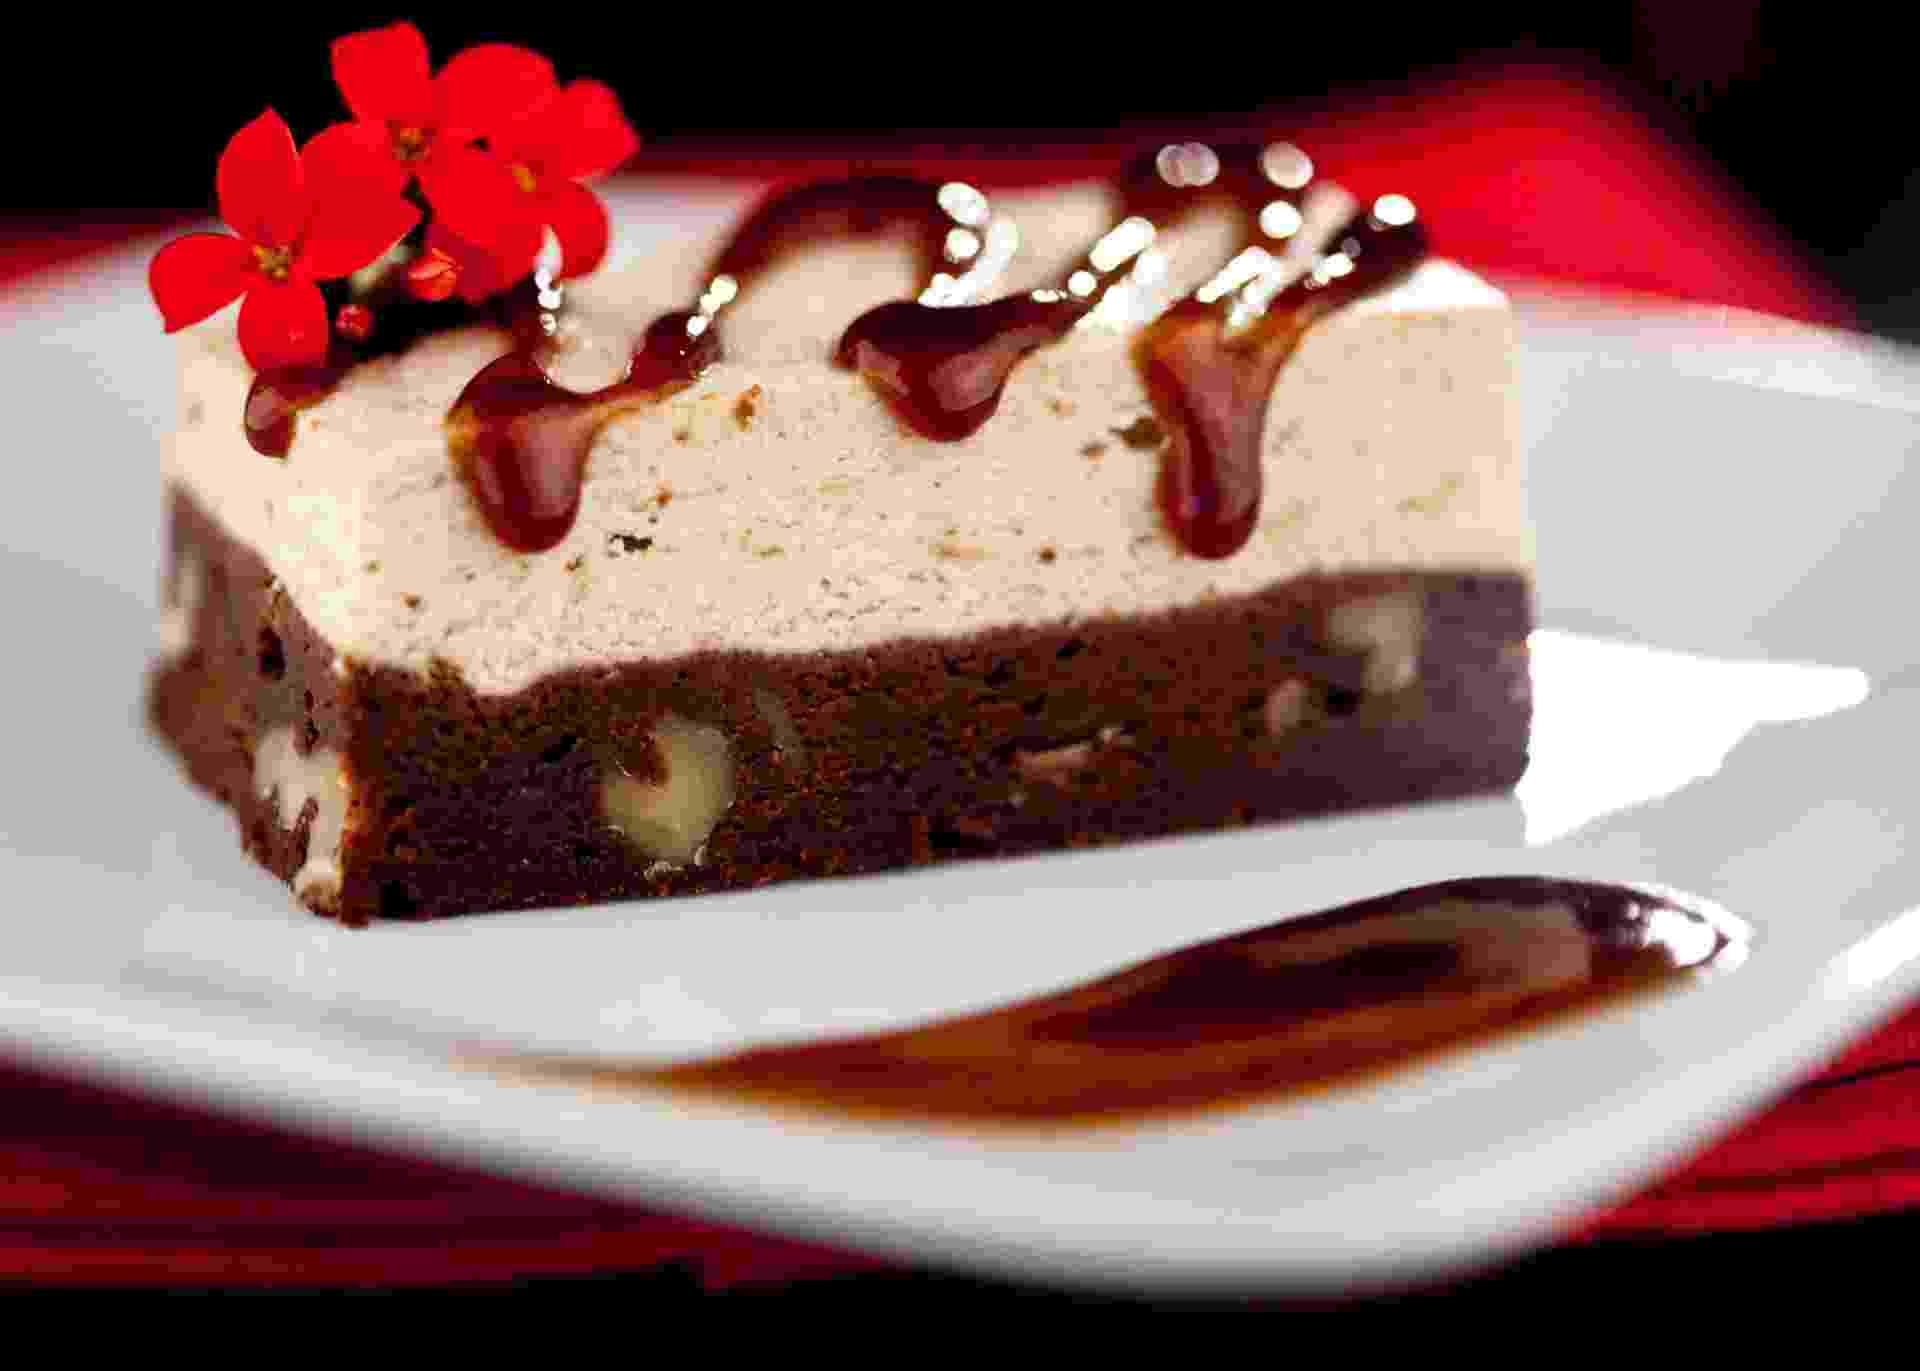 Para enfeitar esta sobremesa feita com brownie, sorvete e calda de tamarindo, o chef Roni Kormis, do restaurante tailandês Namga, usou a flor kalanchoe. O prato custa R$13 - Divulgação/Namga